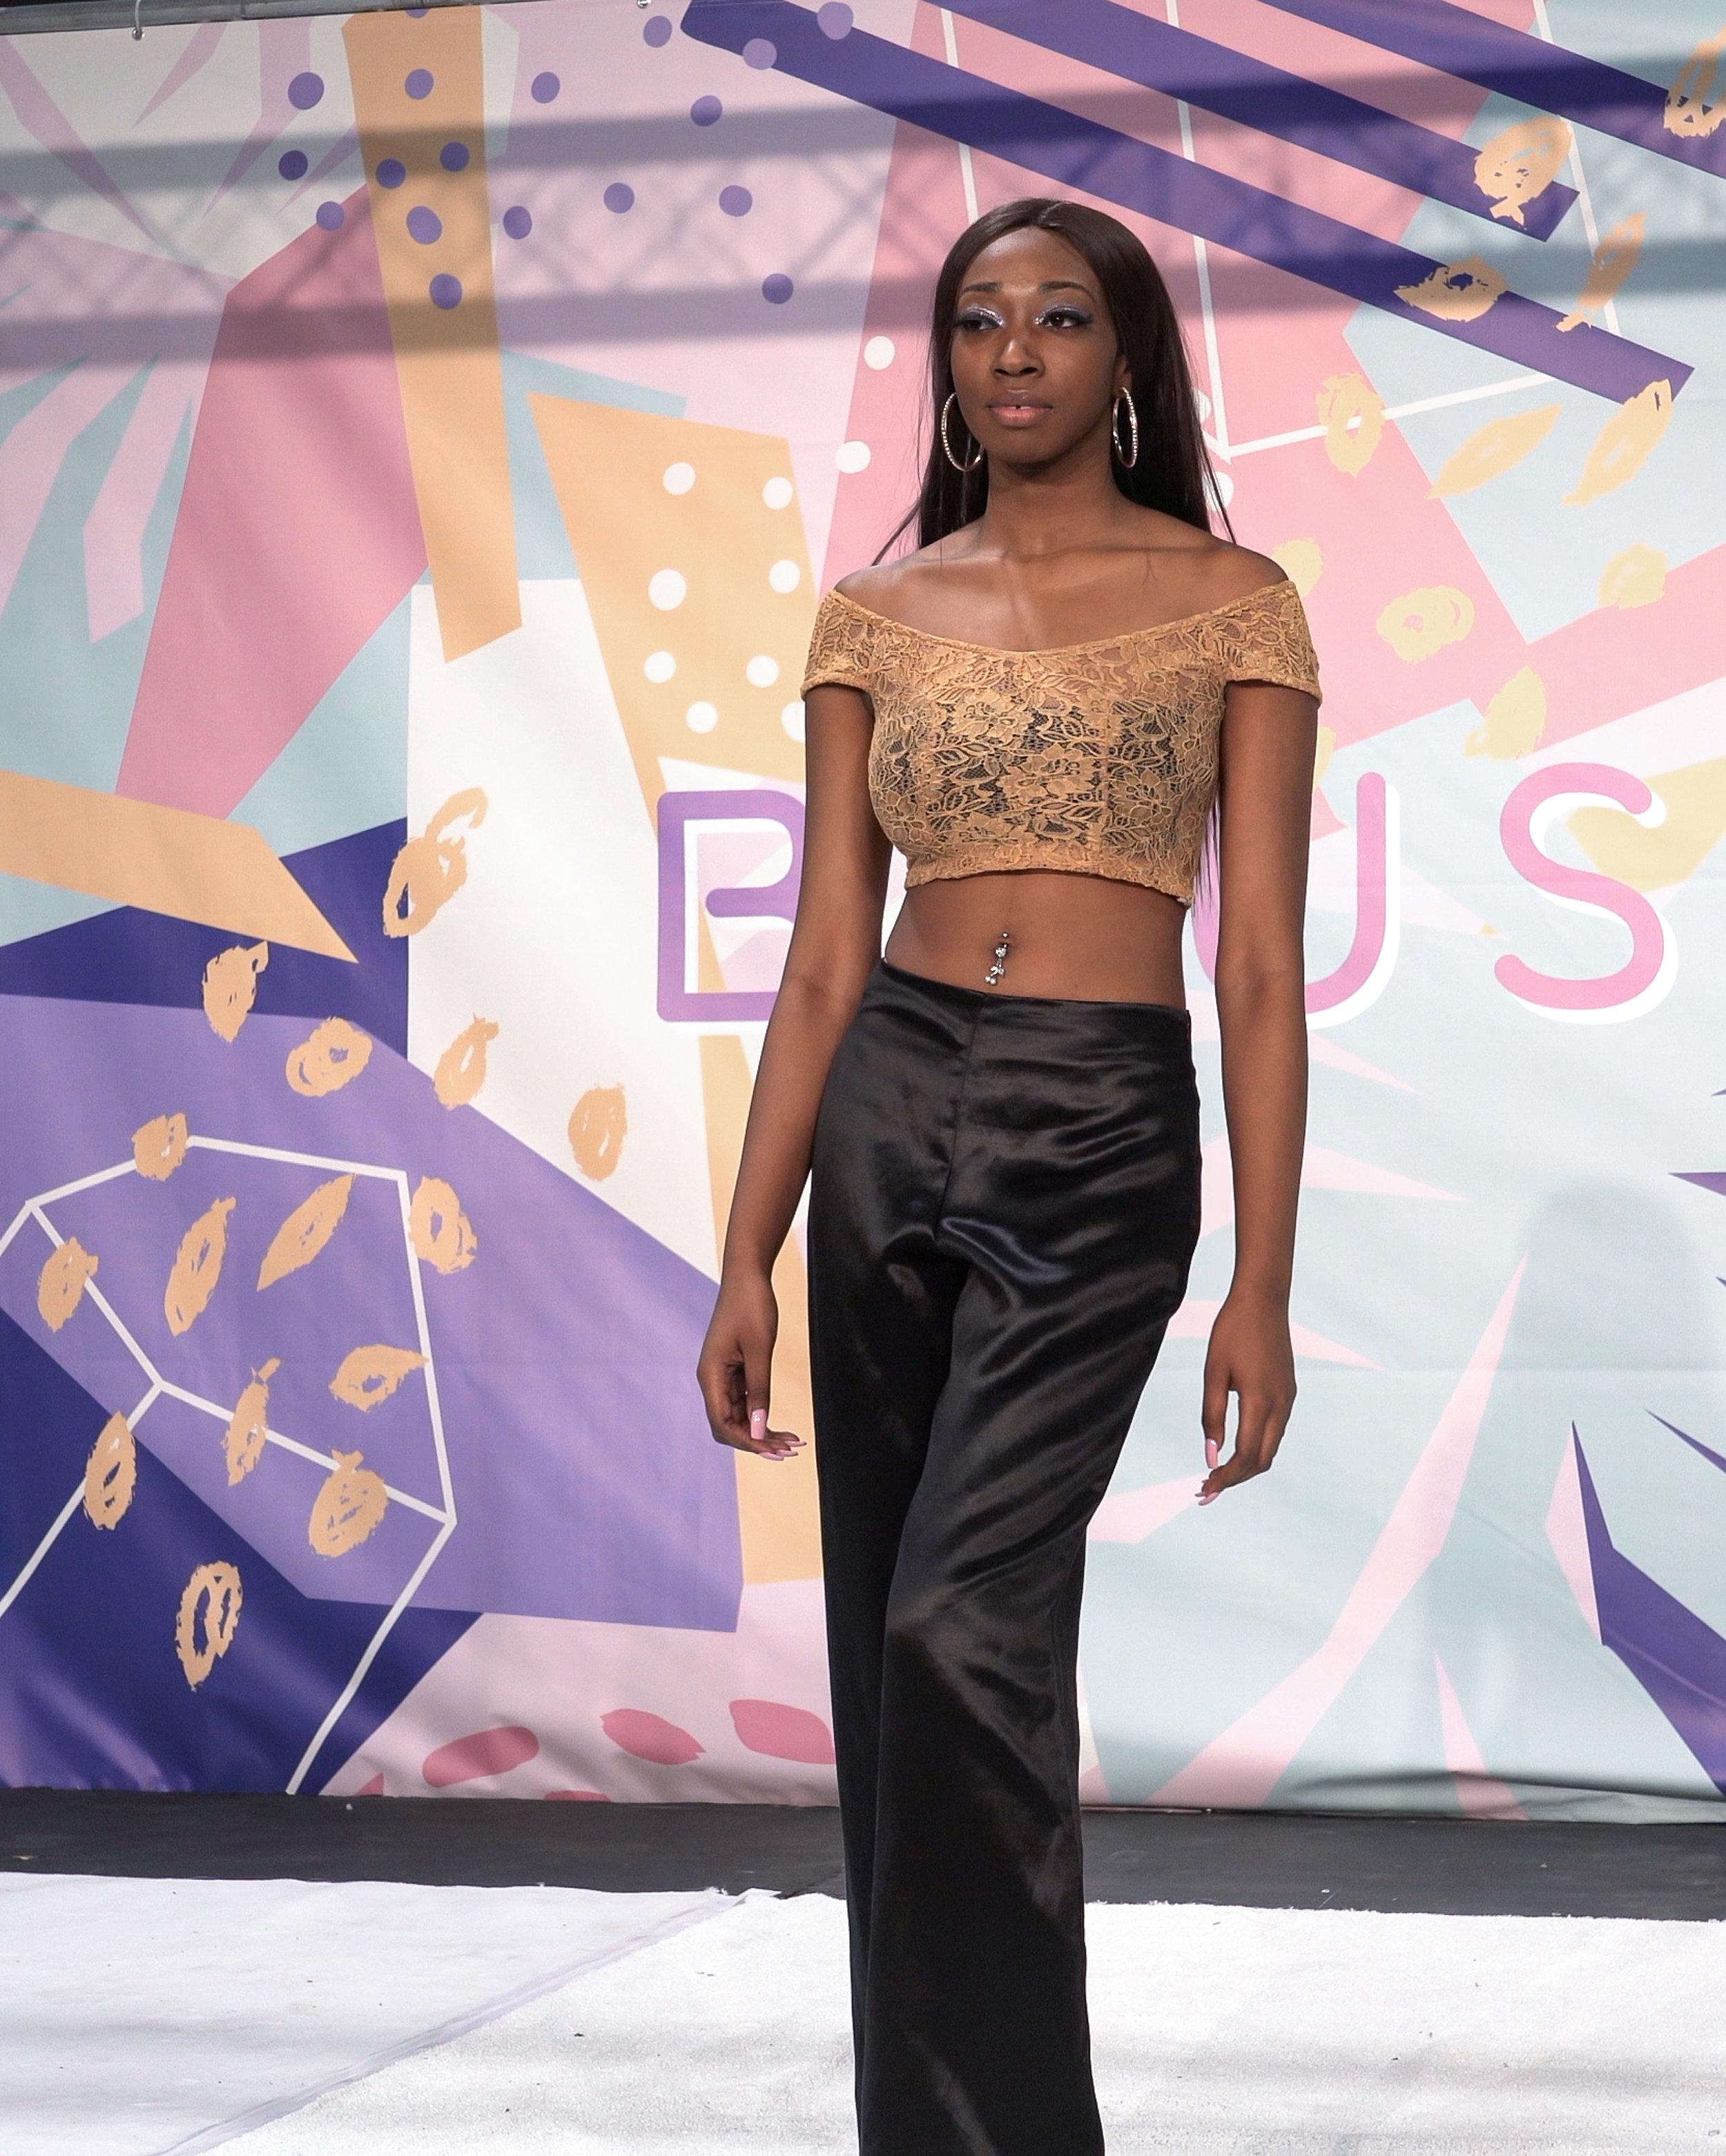 Model: Paris Chanel